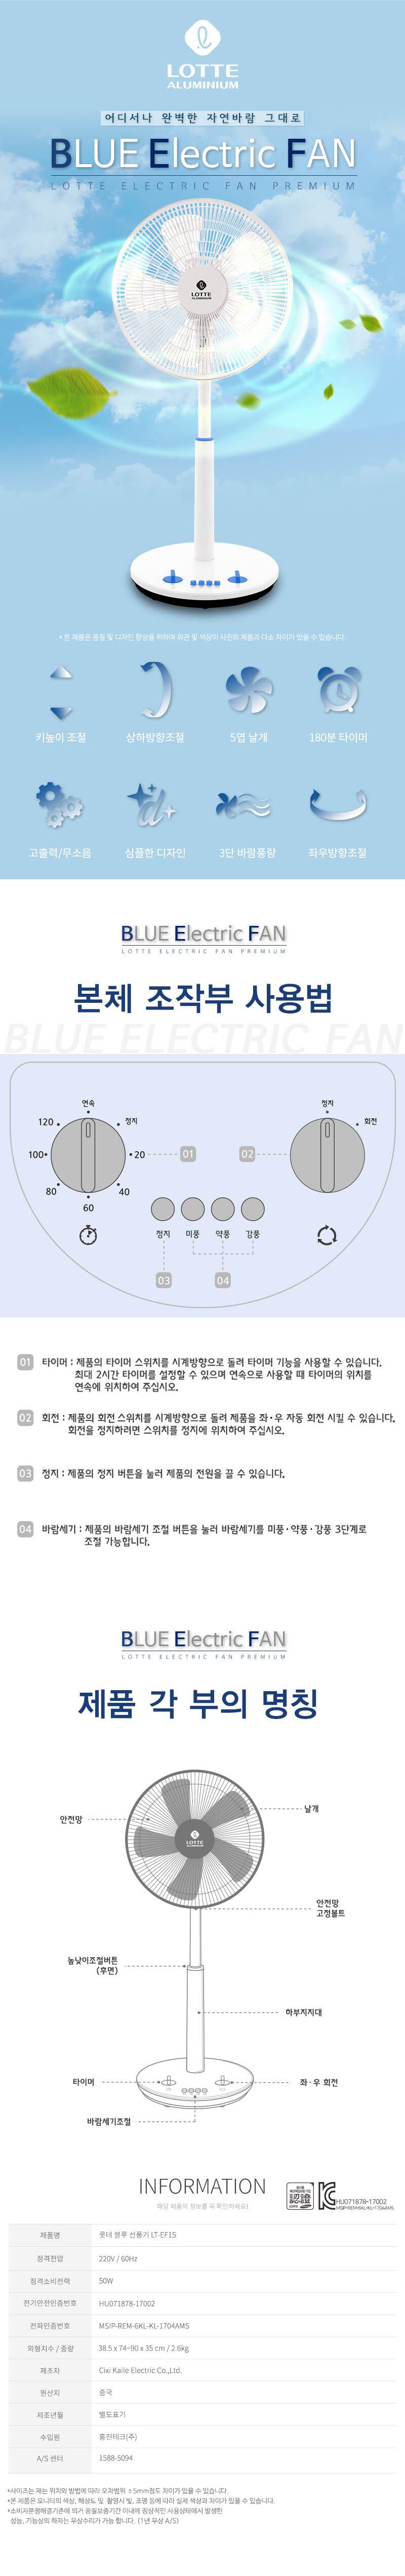 bk0421_pg01.jpg